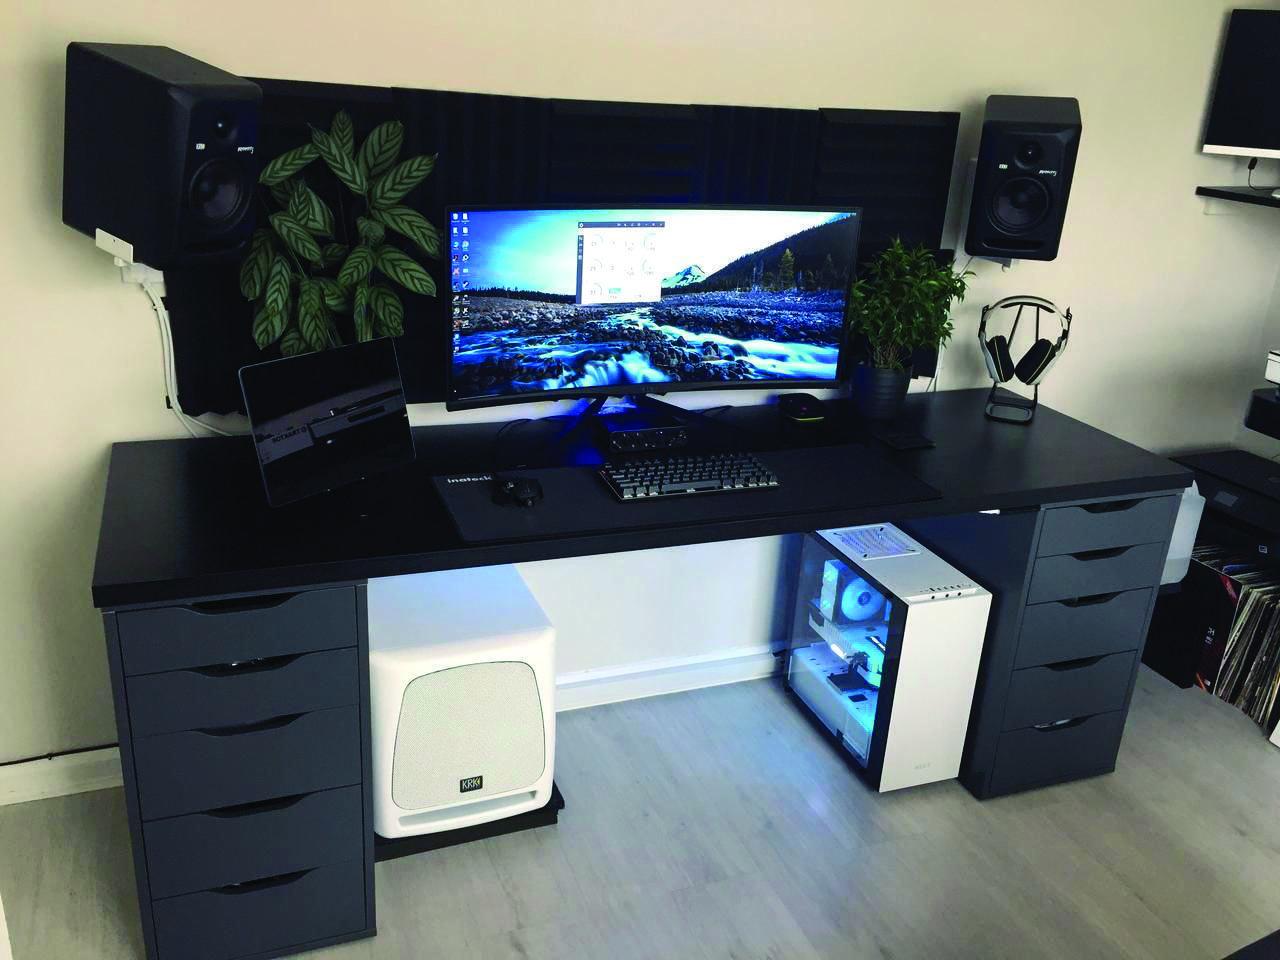 Escritorio de juegos de computadora personalizado de primer nivel solo en homelikeart.com-#computadora #escritorio #homelikeart #juegos #nivel #personalizado #primer #gamingdesk